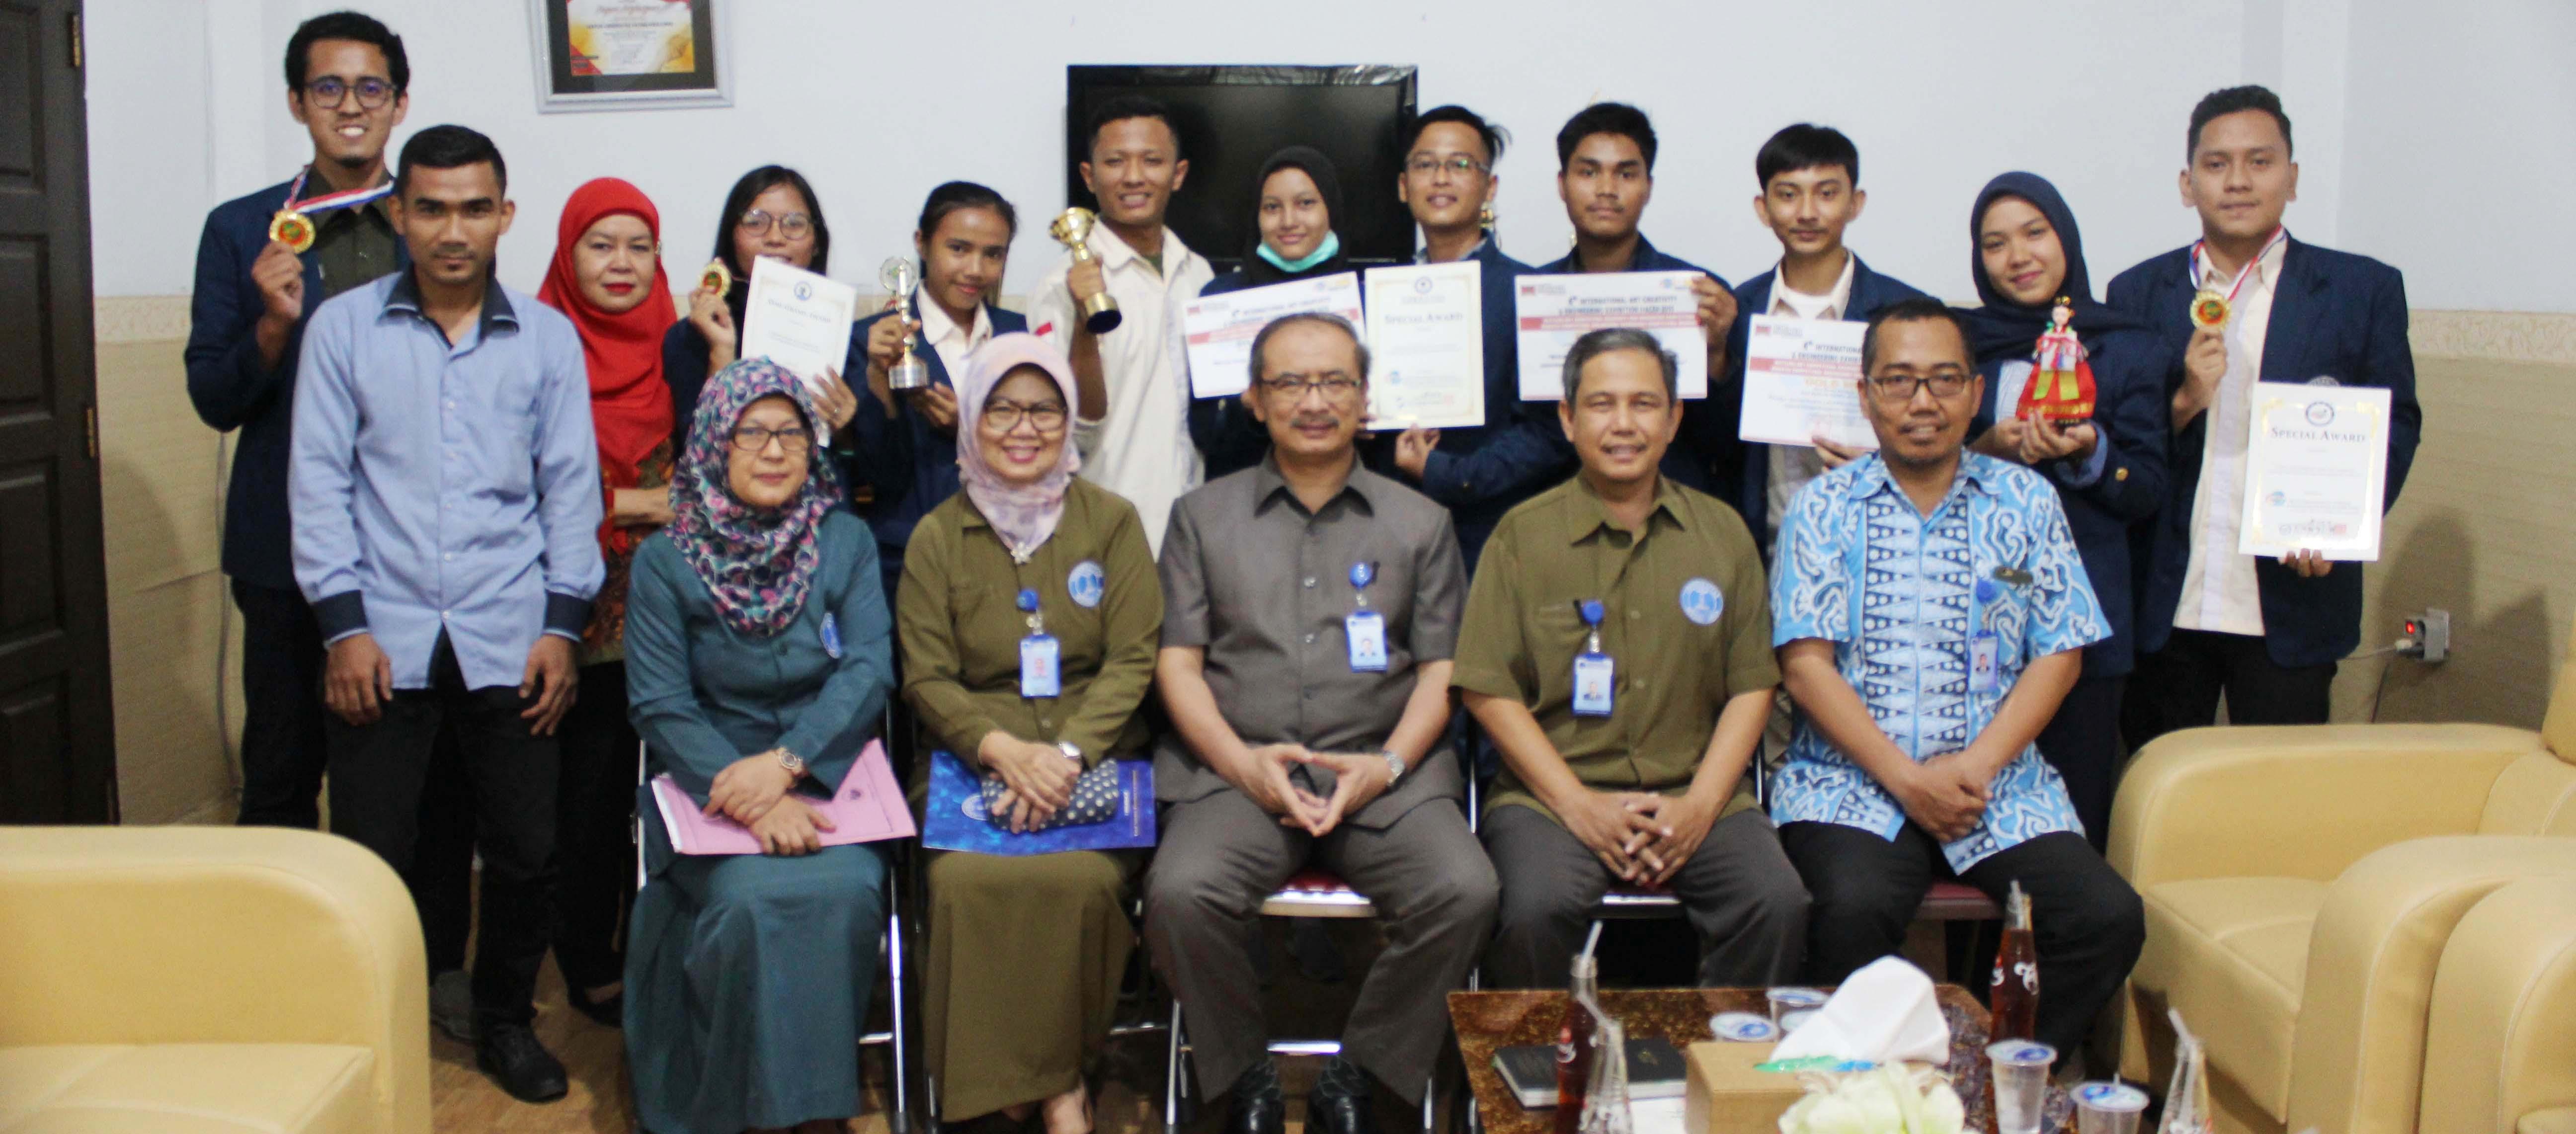 foto-bersama-mahasiswa-berprestasi-uma-ajang-4th-i-aceh-2019.JPG